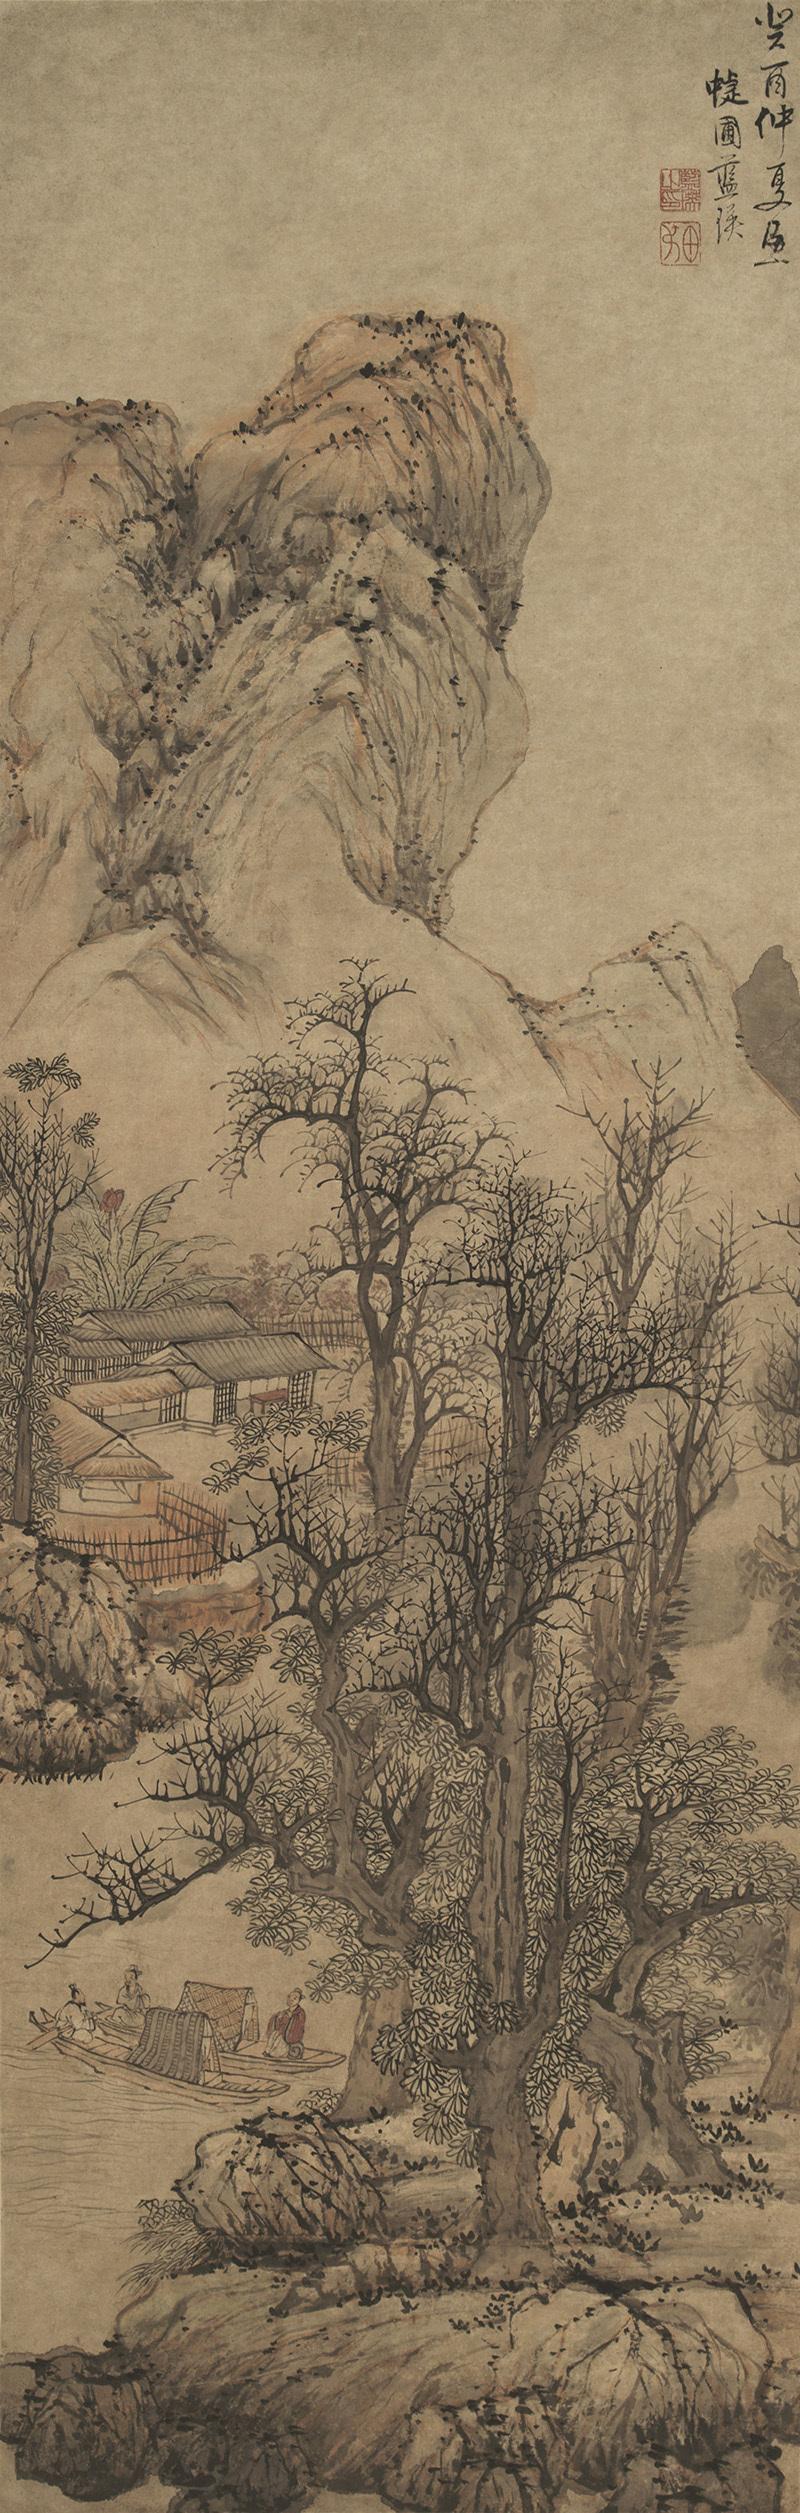 lan-ying_fisherman-recluses-in-autumn-mountains